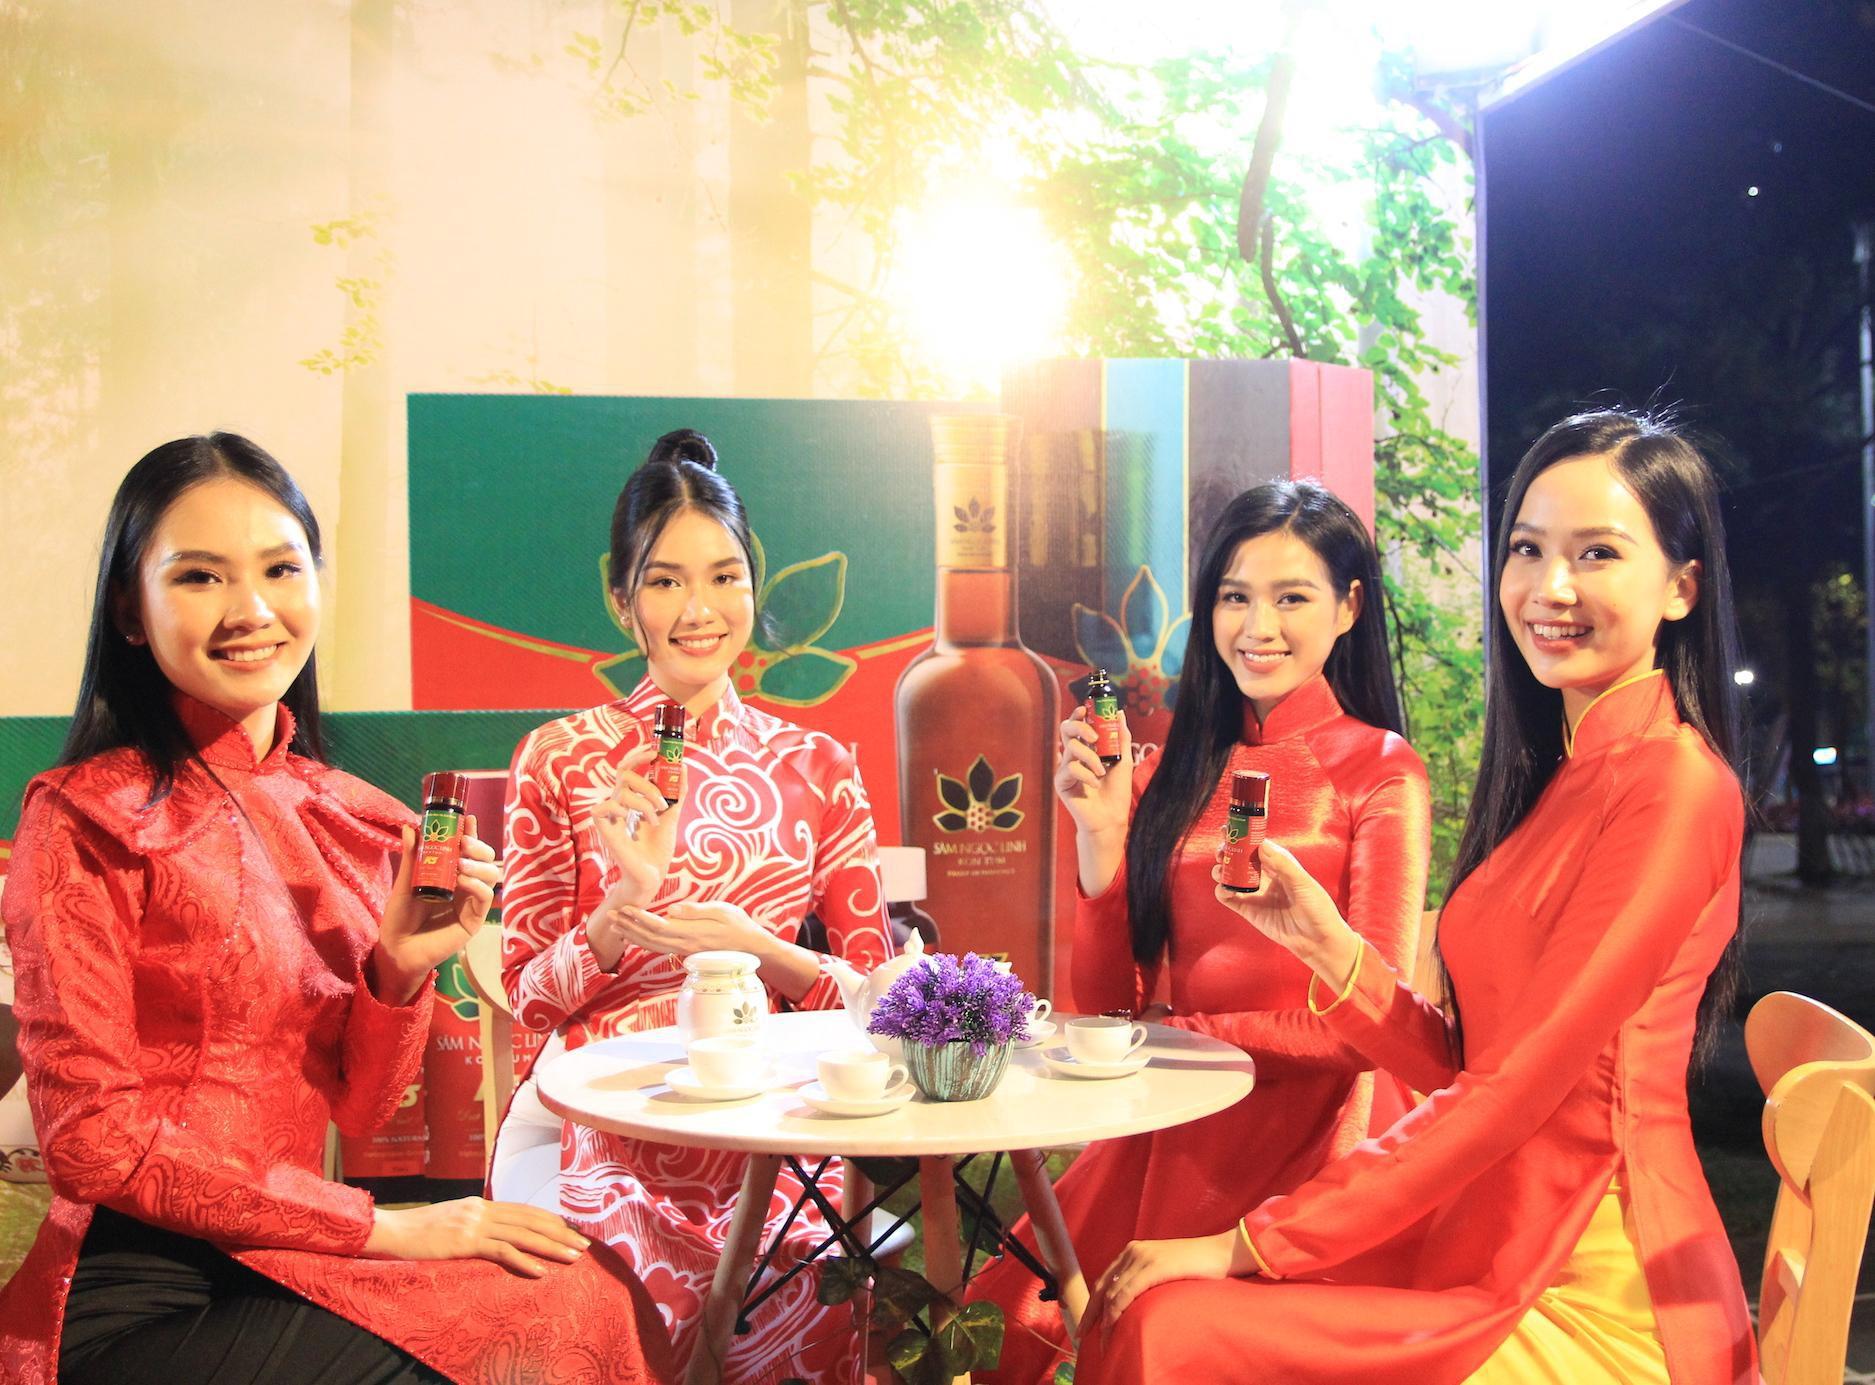 Hoa hậu Đỗ Thị Hà và các người đẹp thưởng thức sản phẩm sâm Ngọc Linh K5